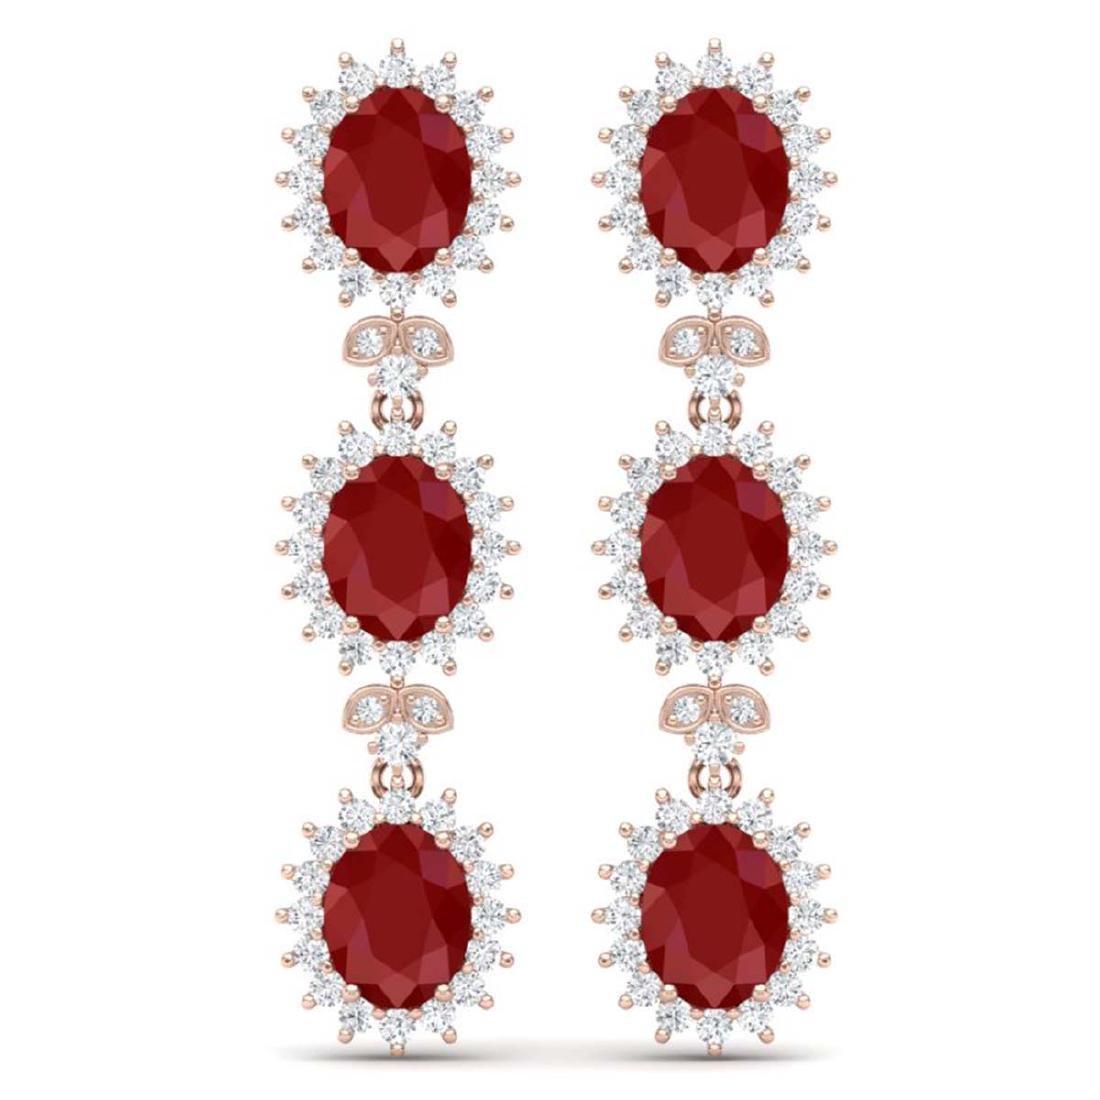 24.52 ctw Ruby & VS Diamond Earrings 18K Rose Gold -